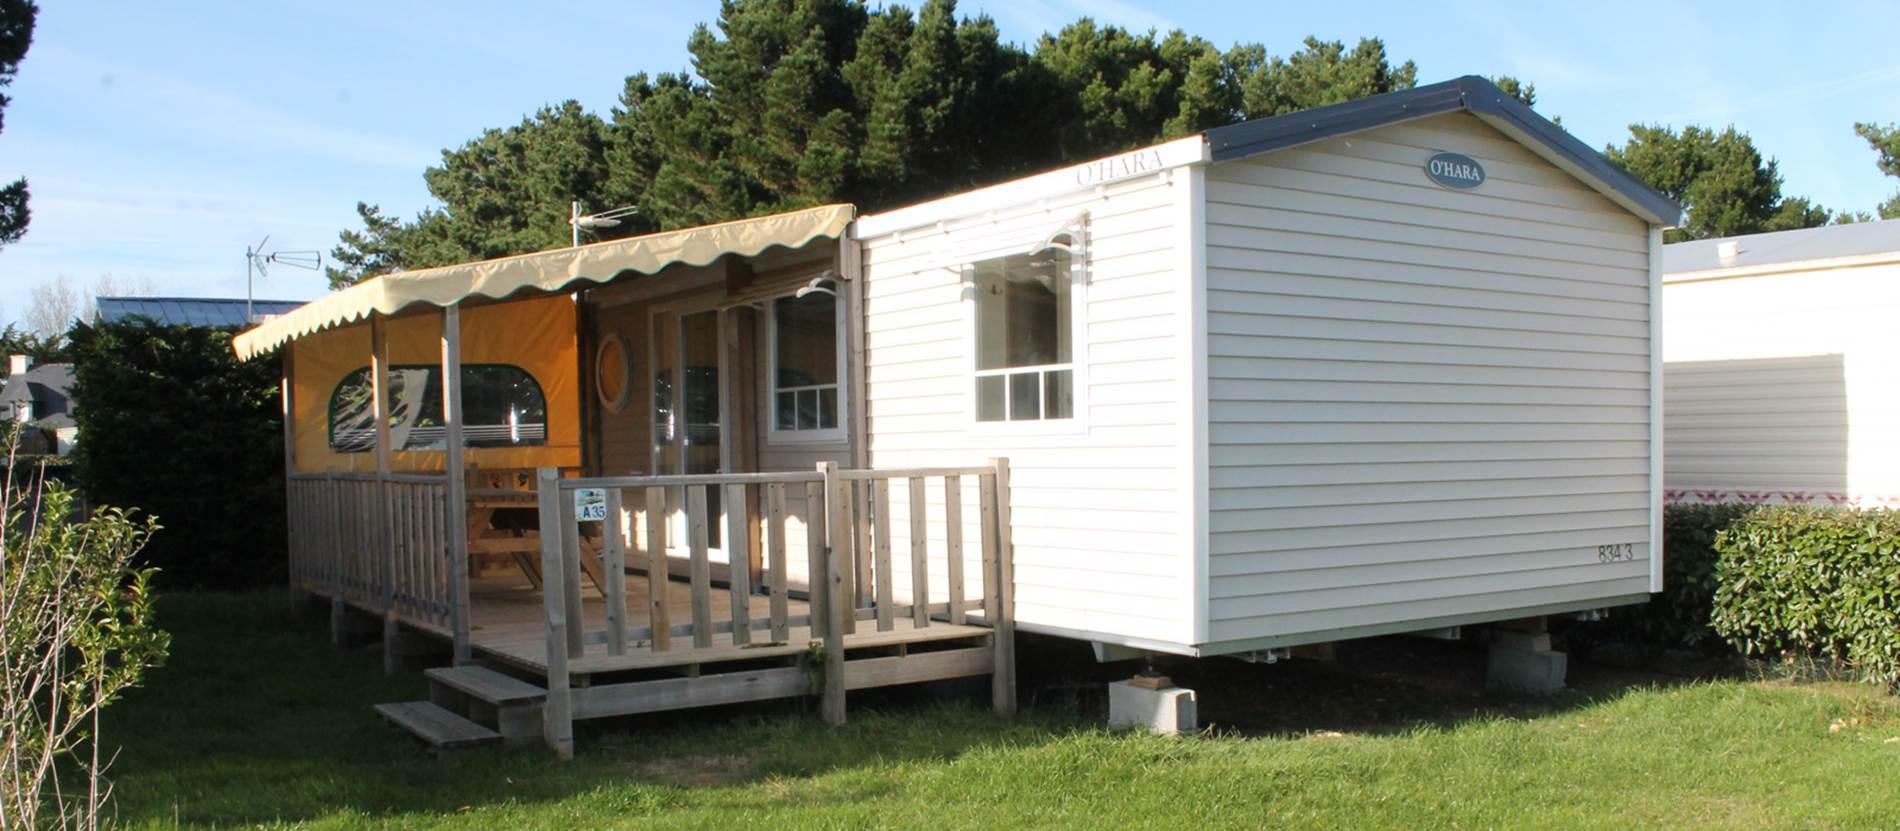 Camping-de-l-Océan-St-Pierre-Quiberon-Morbihan-Bretagne-Sud © Camping-de-l-Océan-St-Pierre-Quiberon